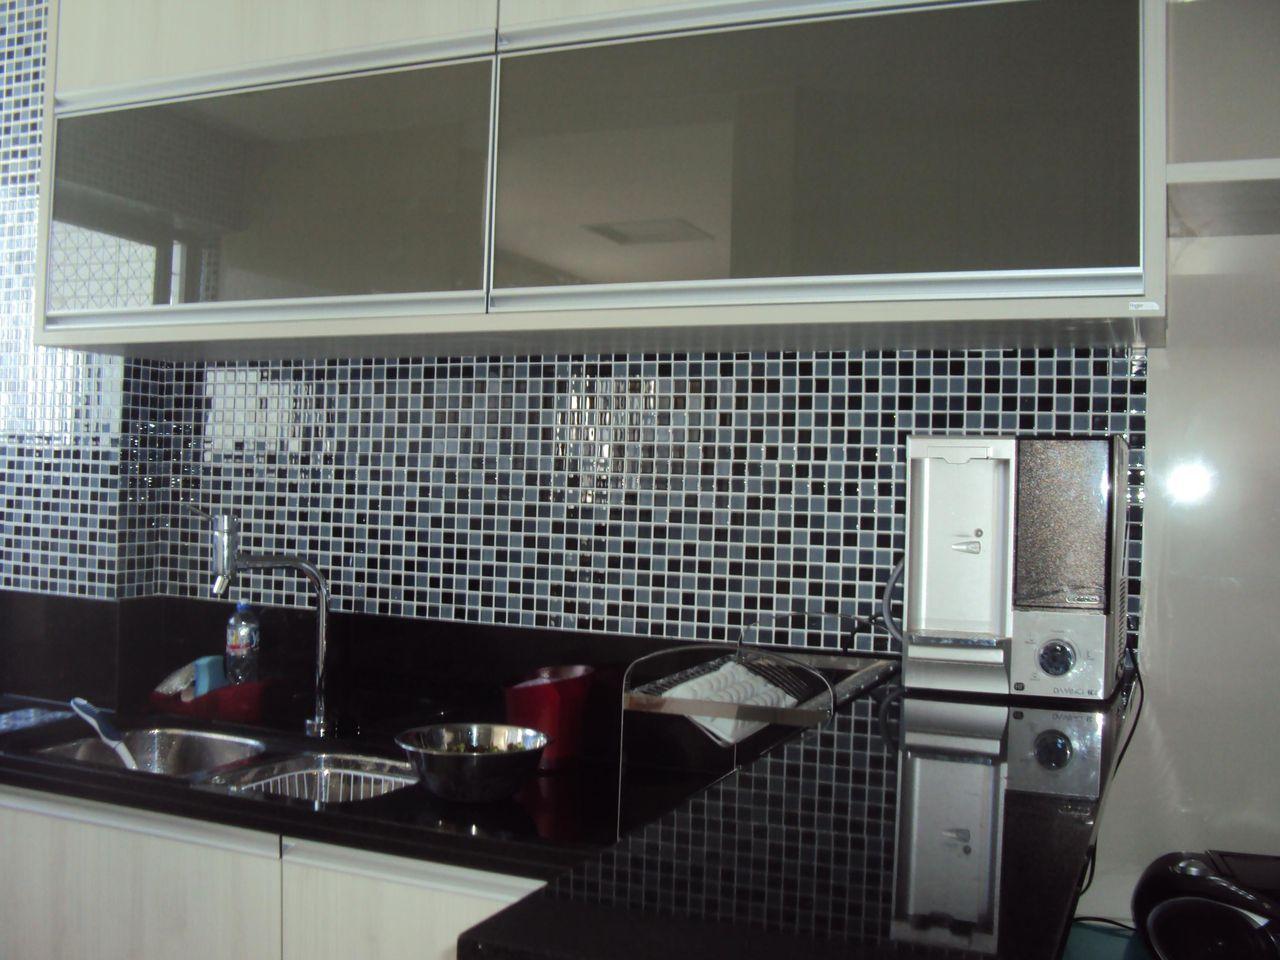 Cozinha Com Pastilhas De Claudia Rejene De Araujo Carneir 59665  ~ Cozinha Decorada Com Pastilhas